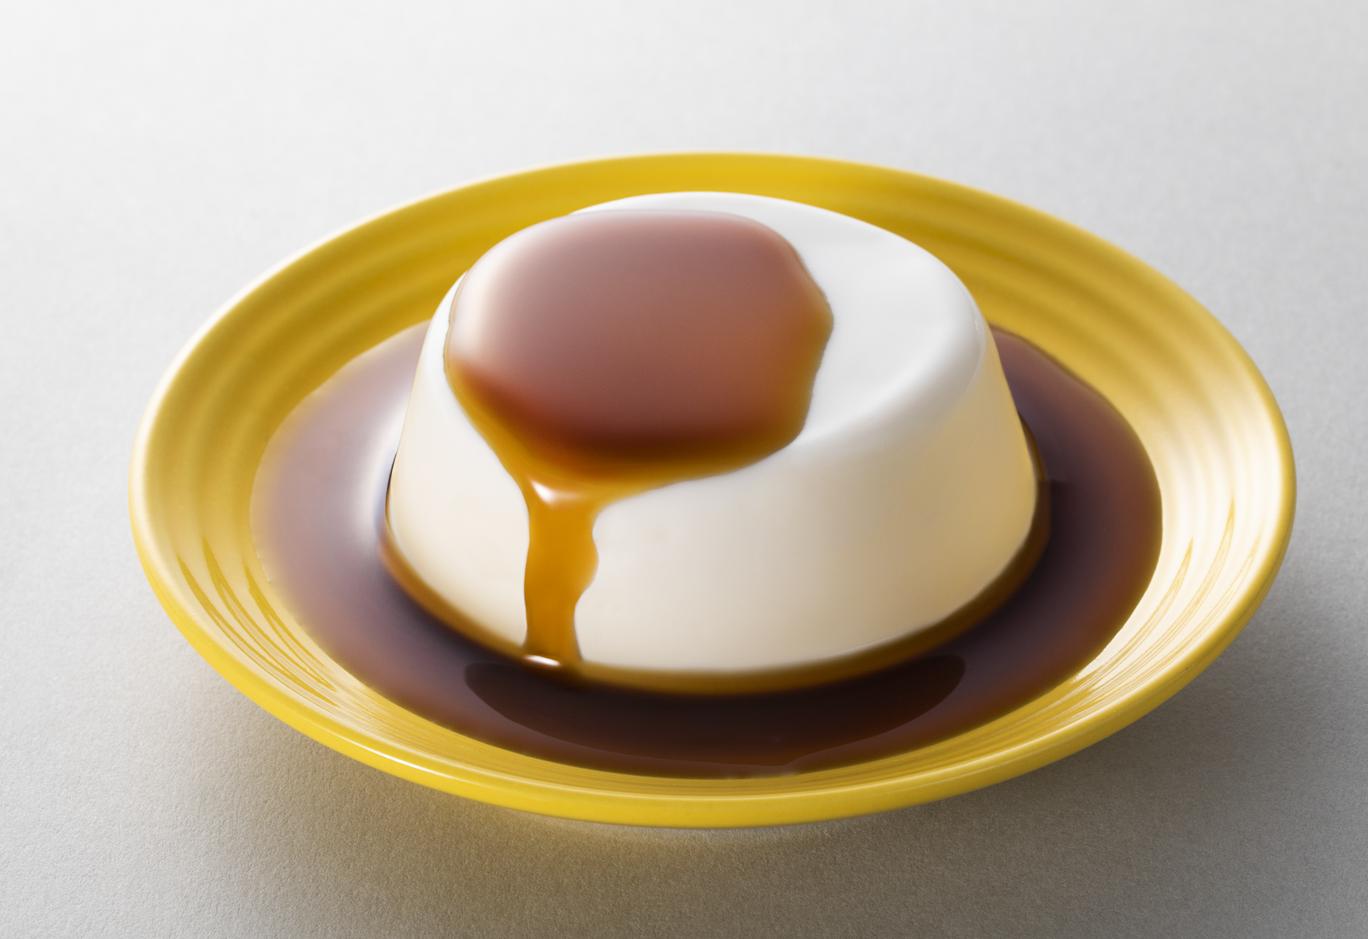 ジーマーミ豆腐イメージ0159